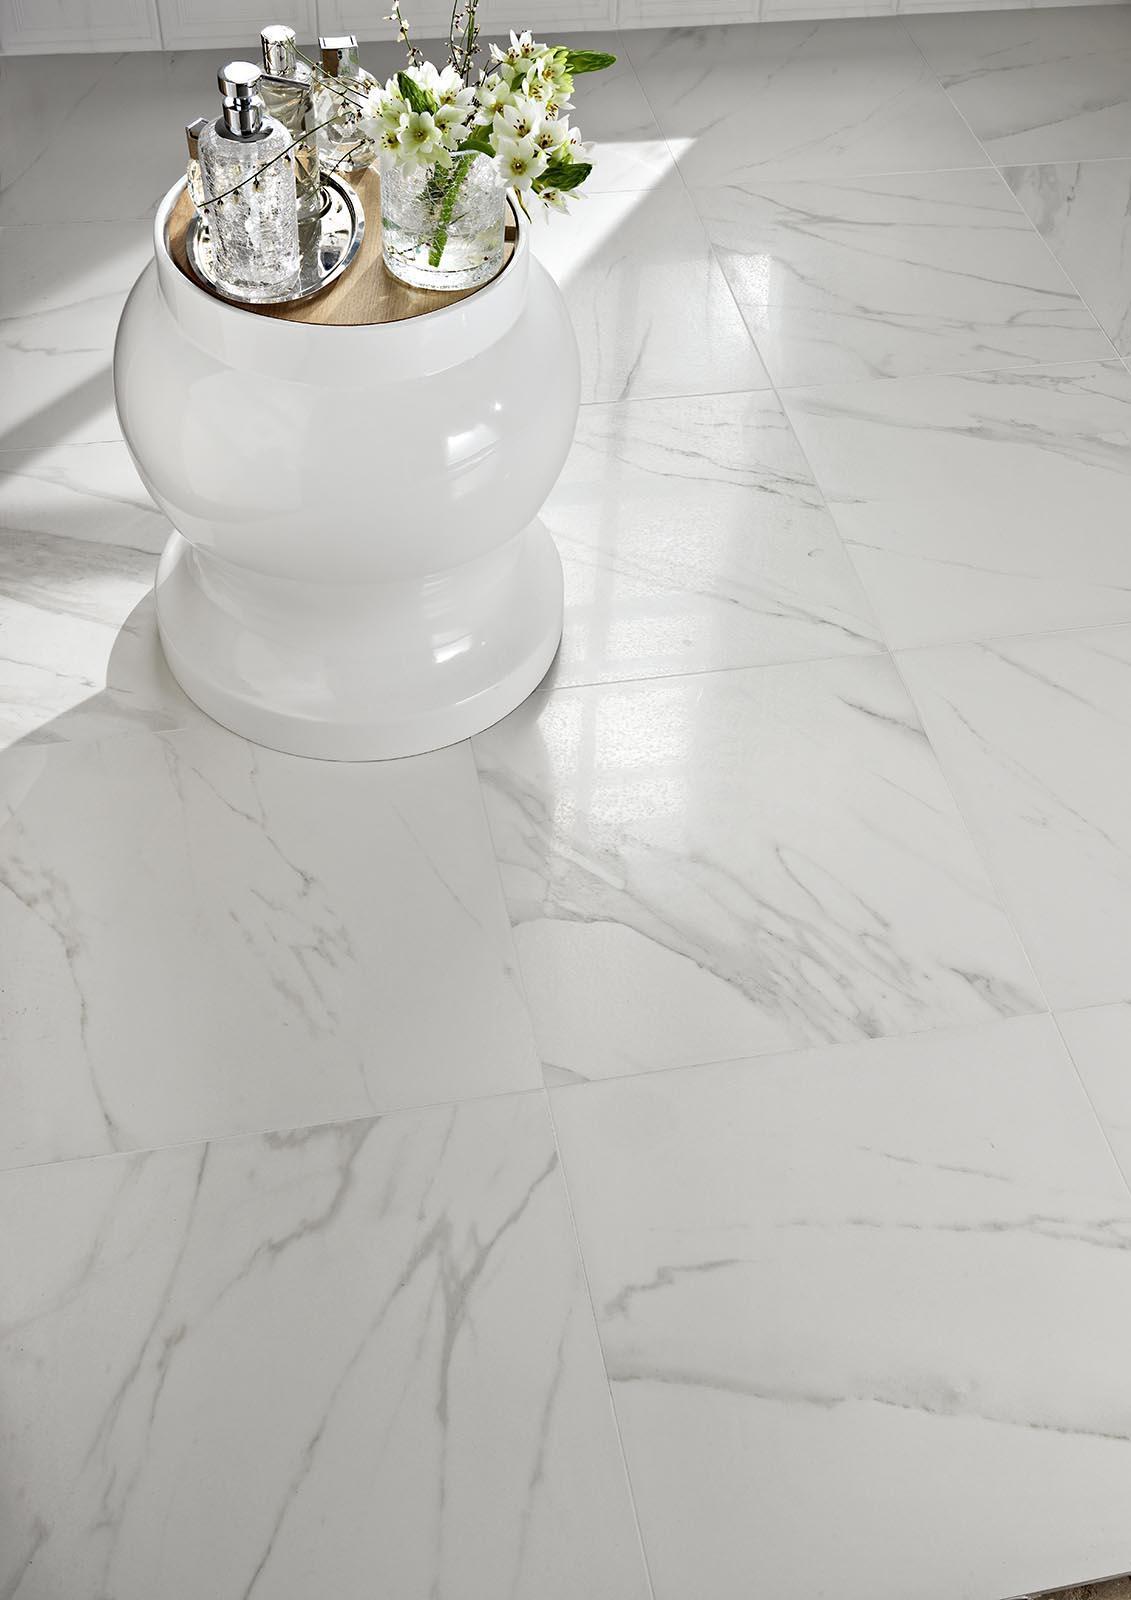 Marbleline - Piastrelle effetto marmo   Marazzi